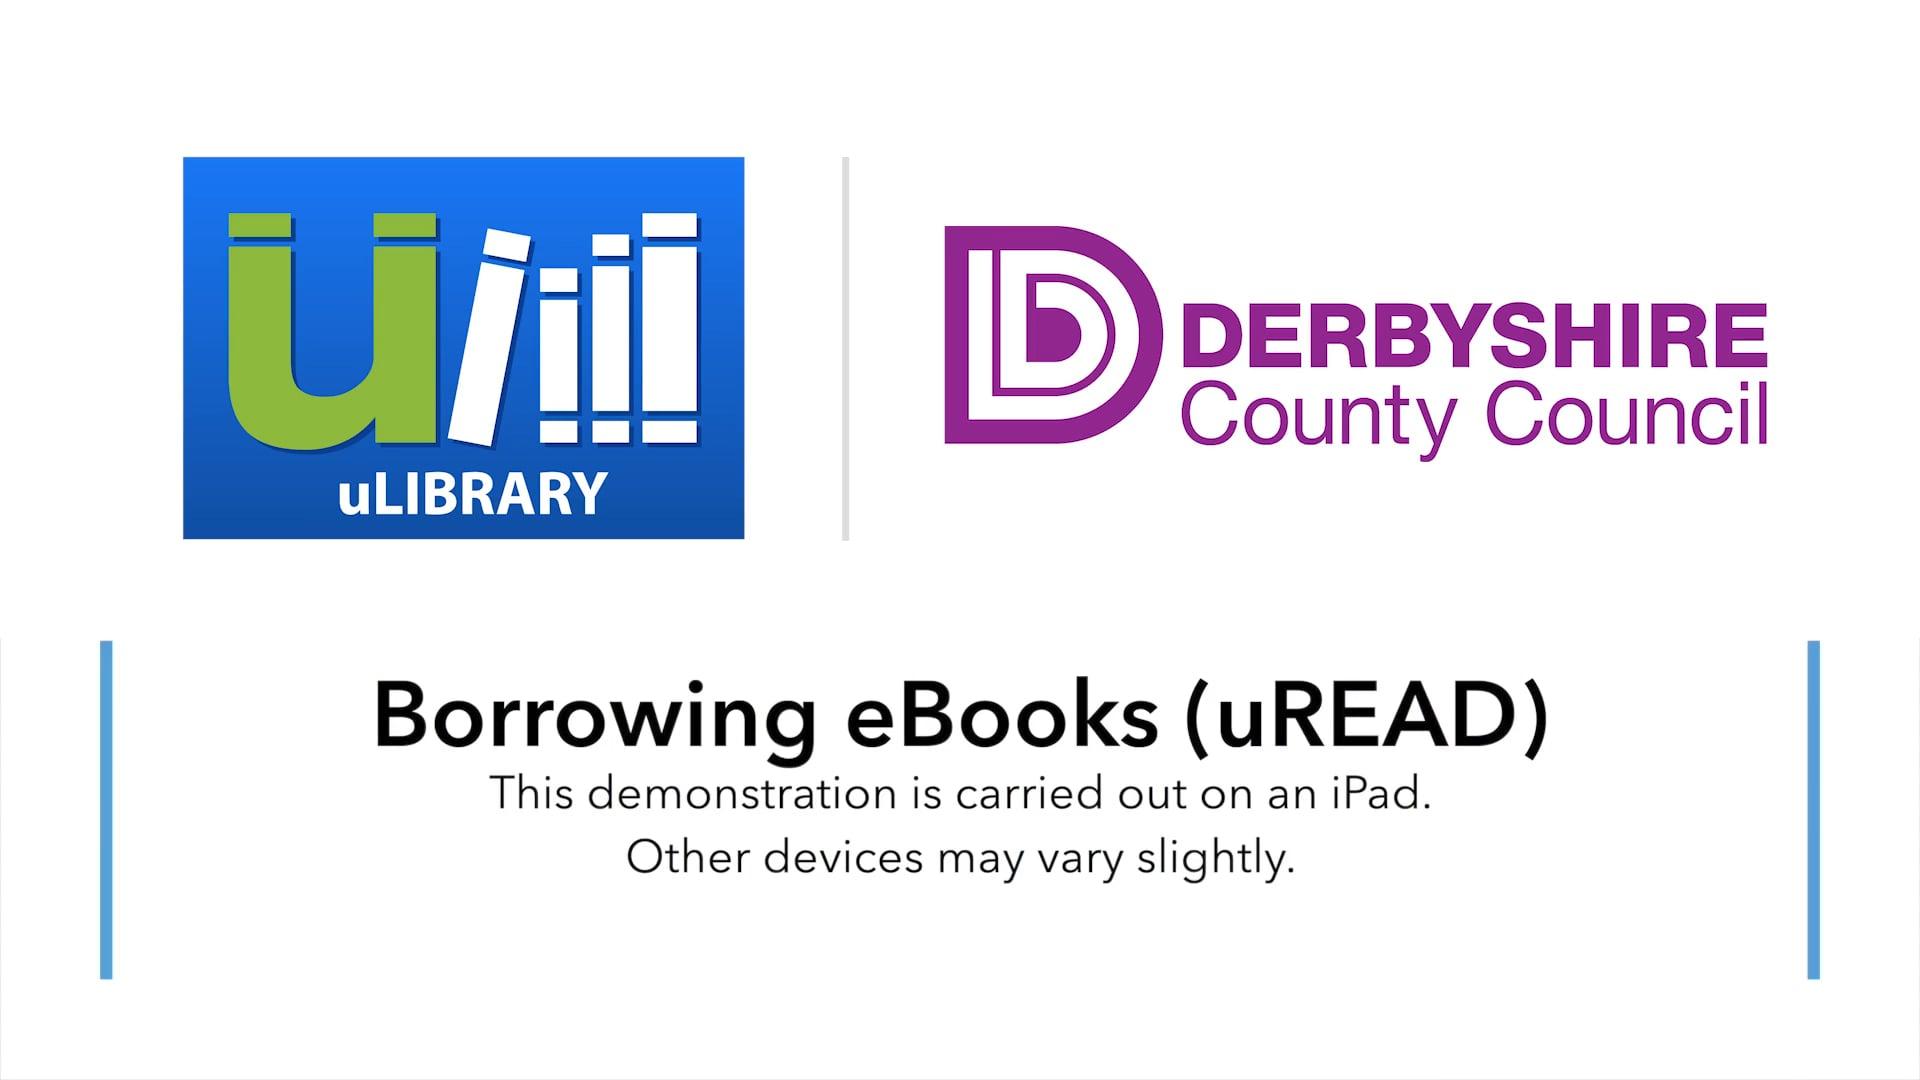 Borrowing eBooks On uLIBRARY (uREAD)